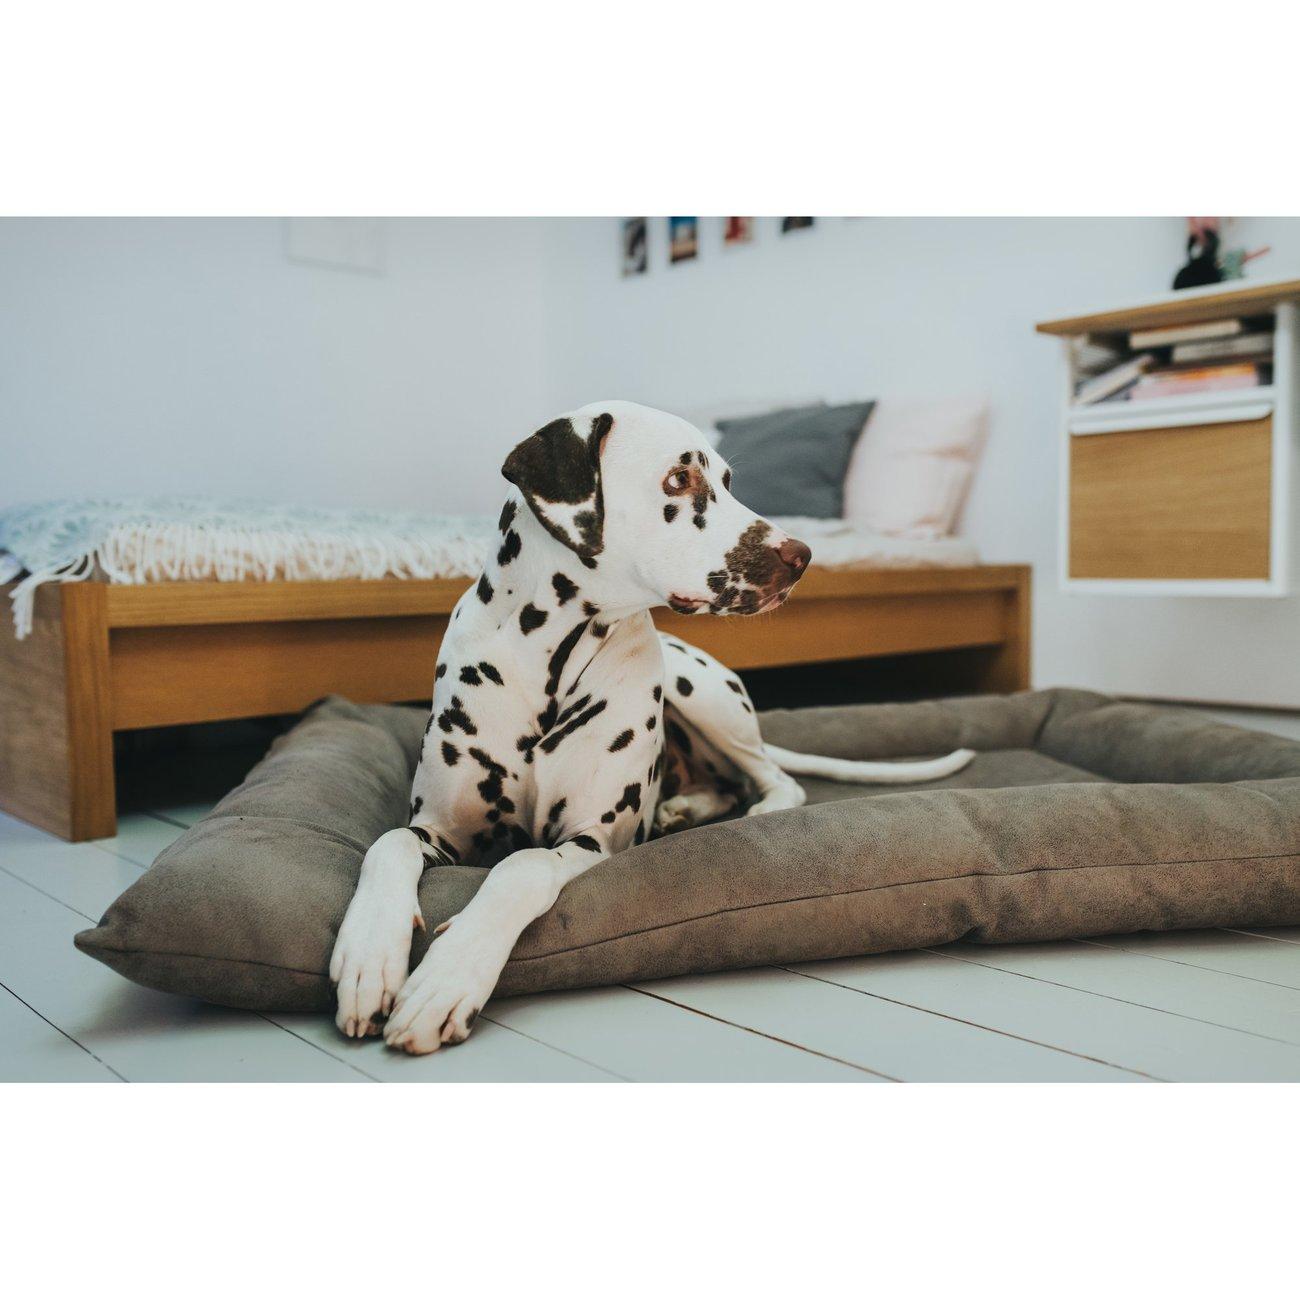 Hunter Hundebett Hundematte Bologna Kunstleder 67189, Bild 15